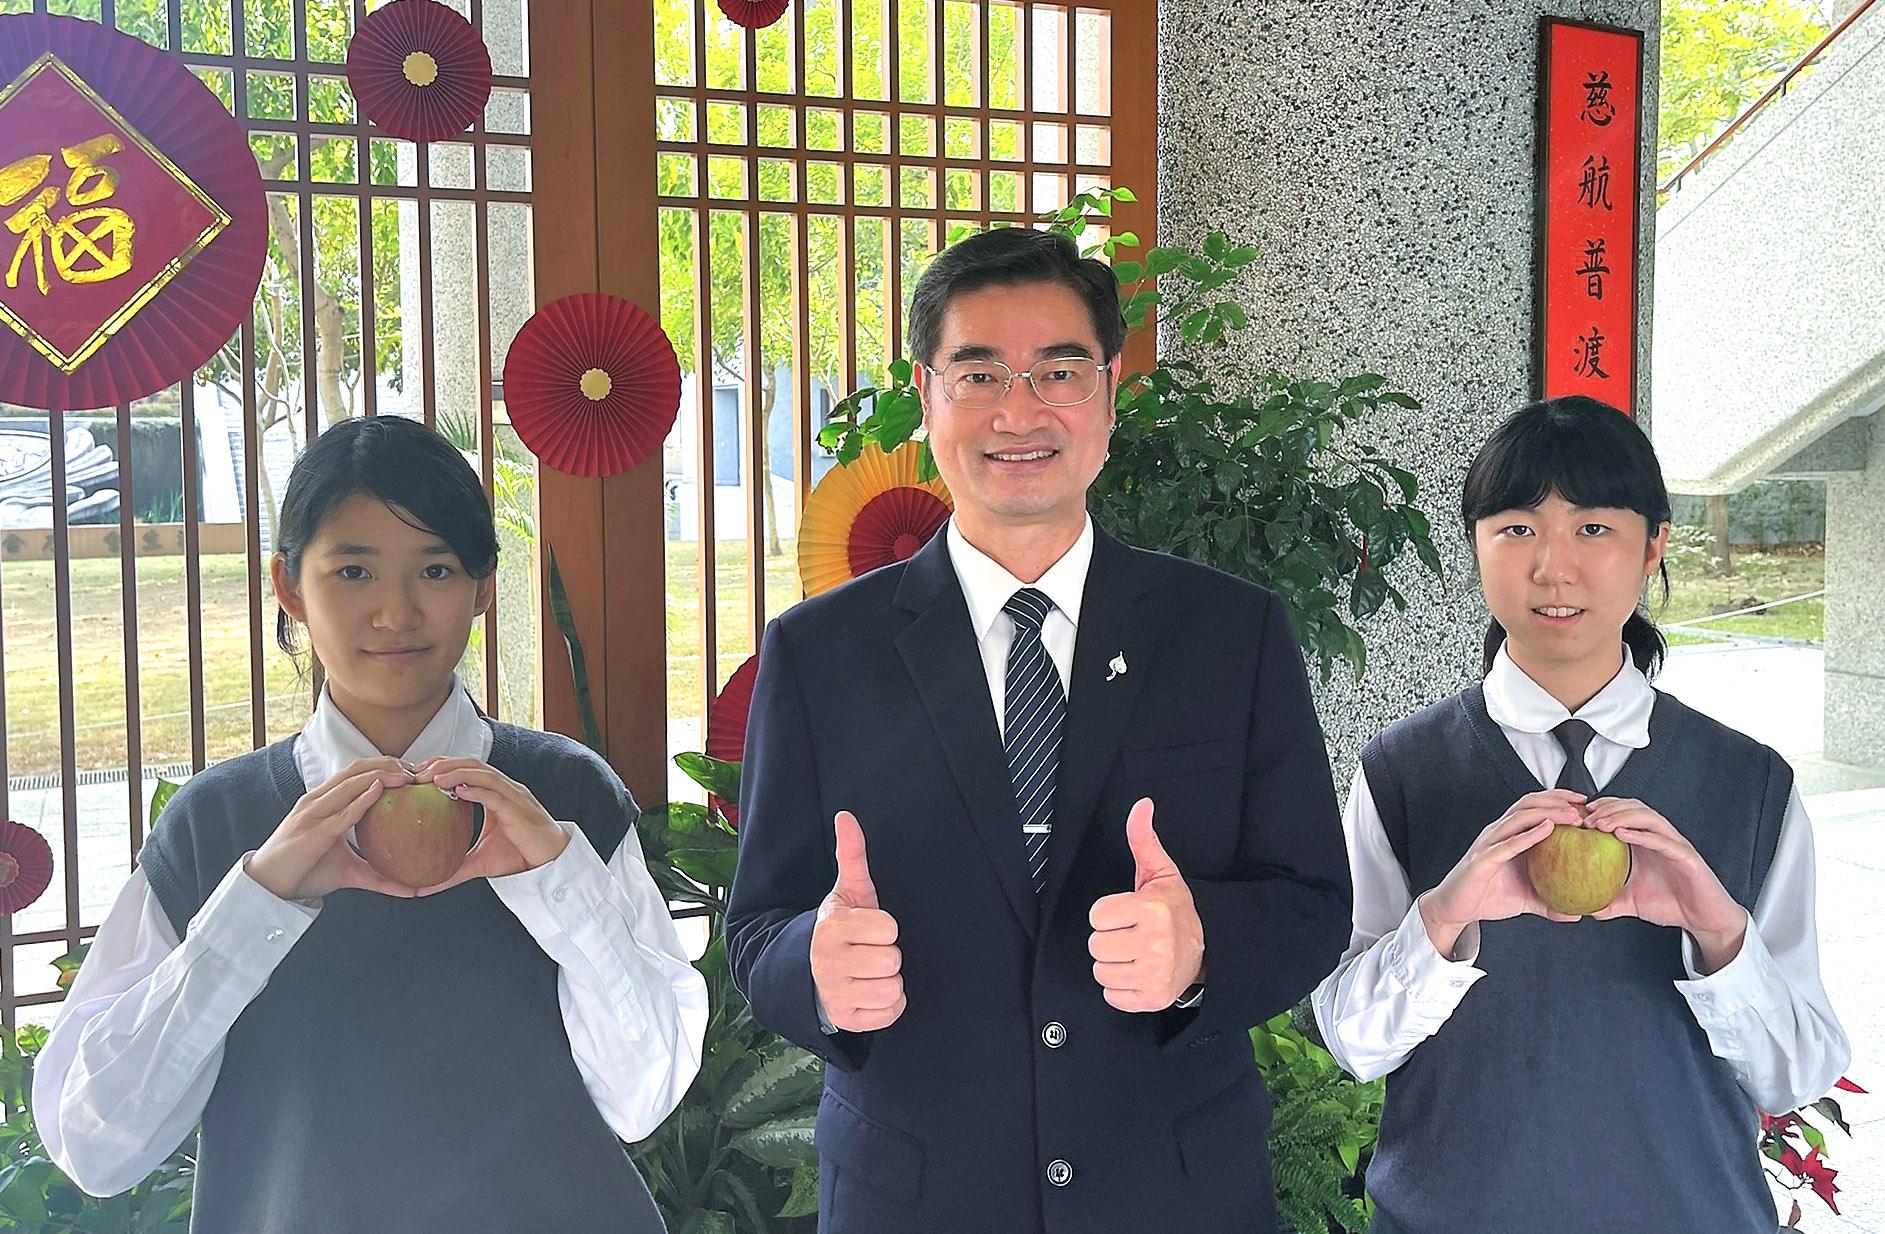 臺南慈中學生在師長們用心的指導下取得佳績。張同學(右1)與潘同學(左1)取得完美表現